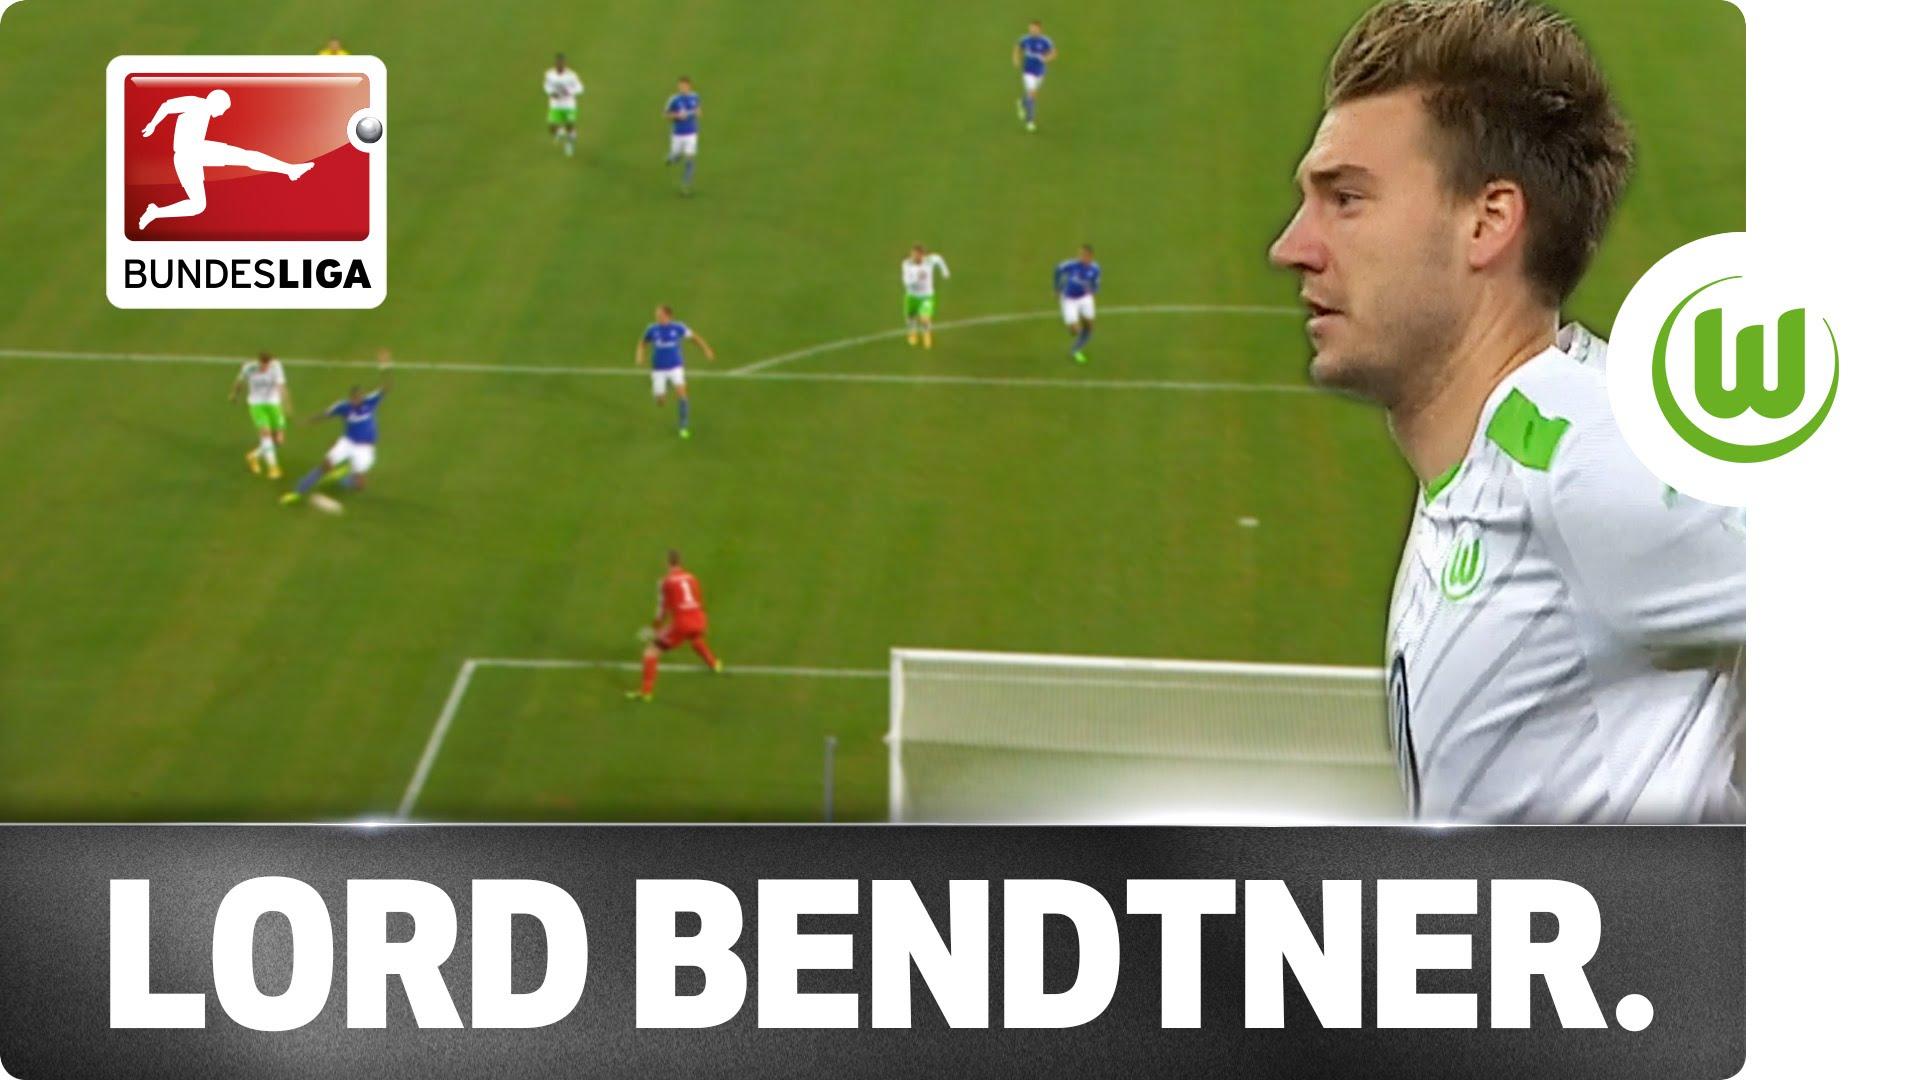 Lord_Bendtner.jpg